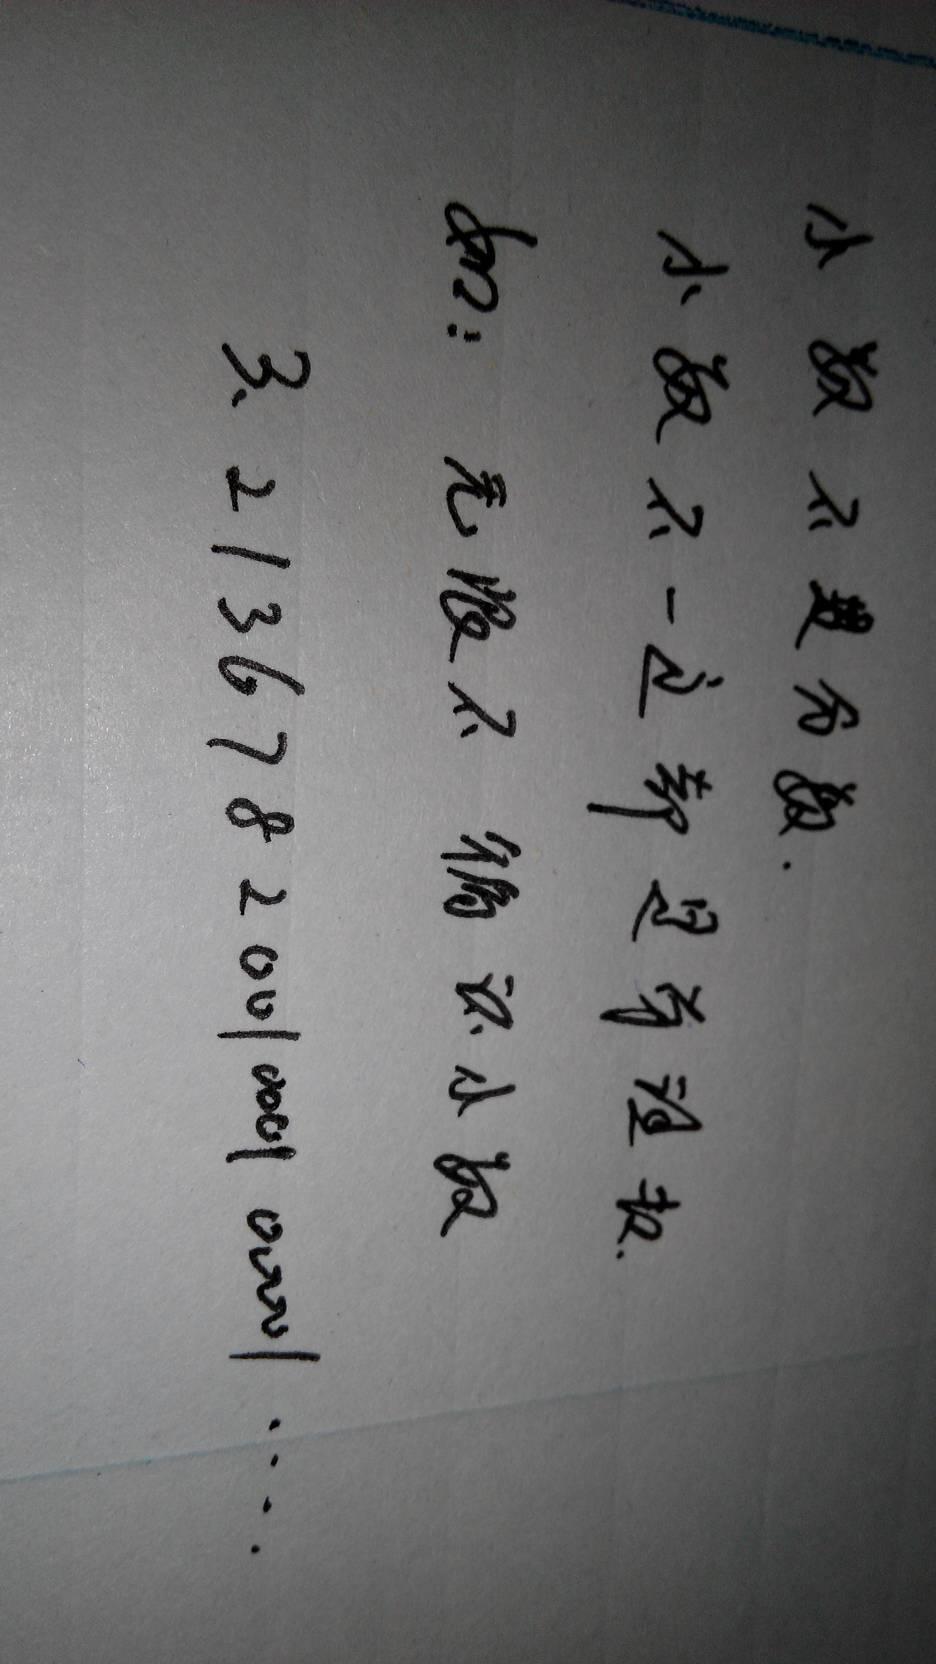 0是有理数吗_小数都是分数吗?都是有理数吗?举例说明_百度知道